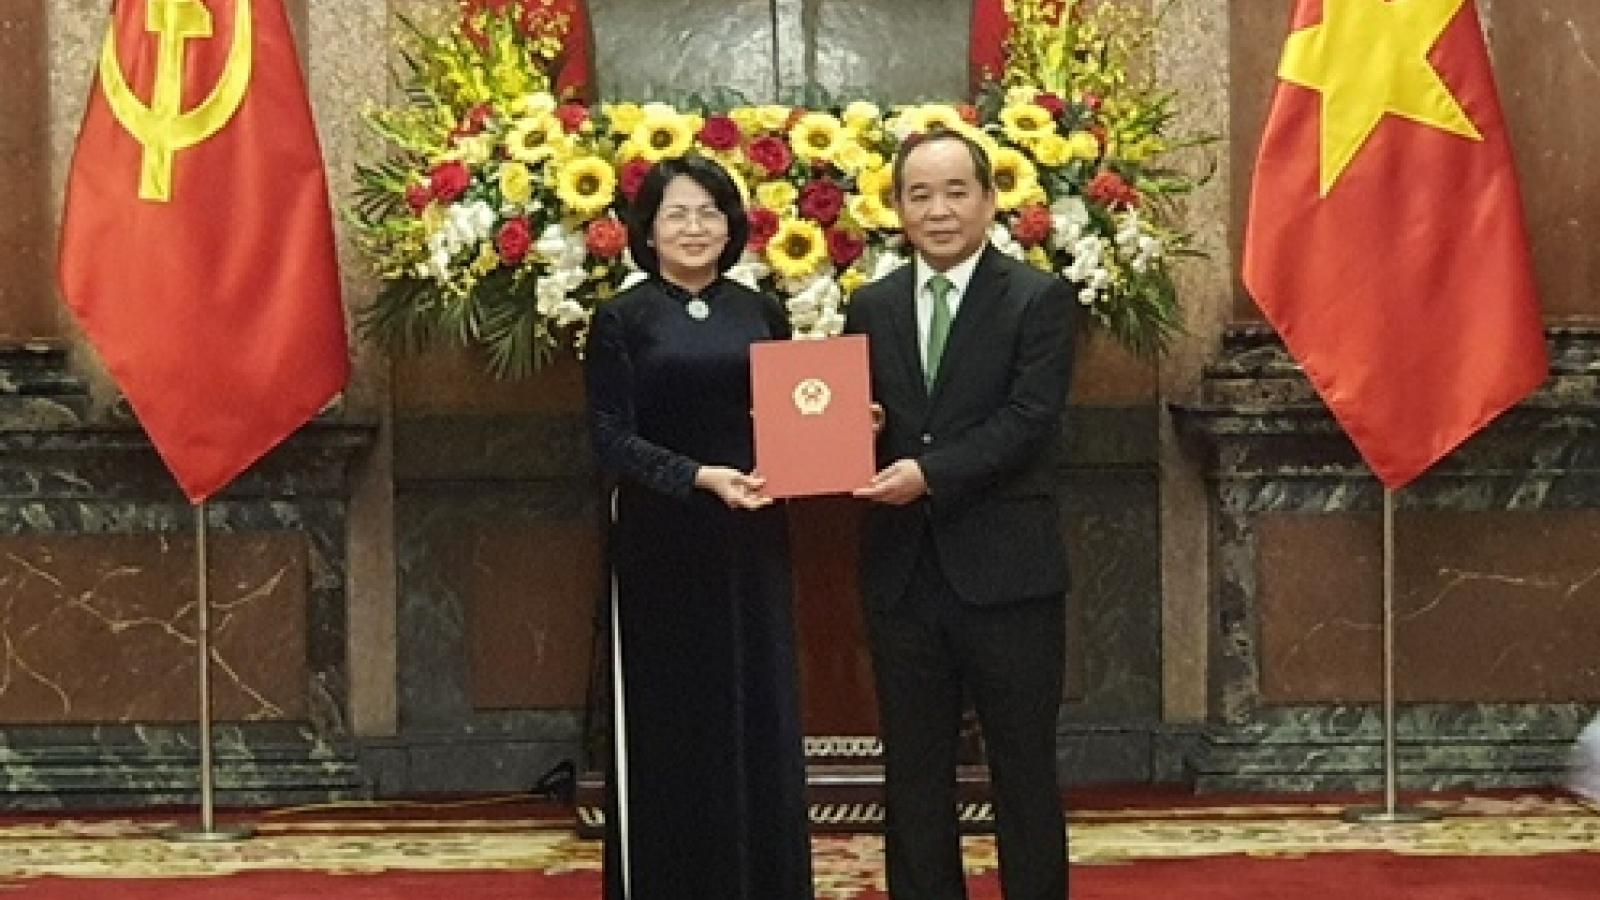 Ông Lê Khánh Hải nhận quyết định giữ chức Chủ nhiệm Văn phòng Chủ tịch nước